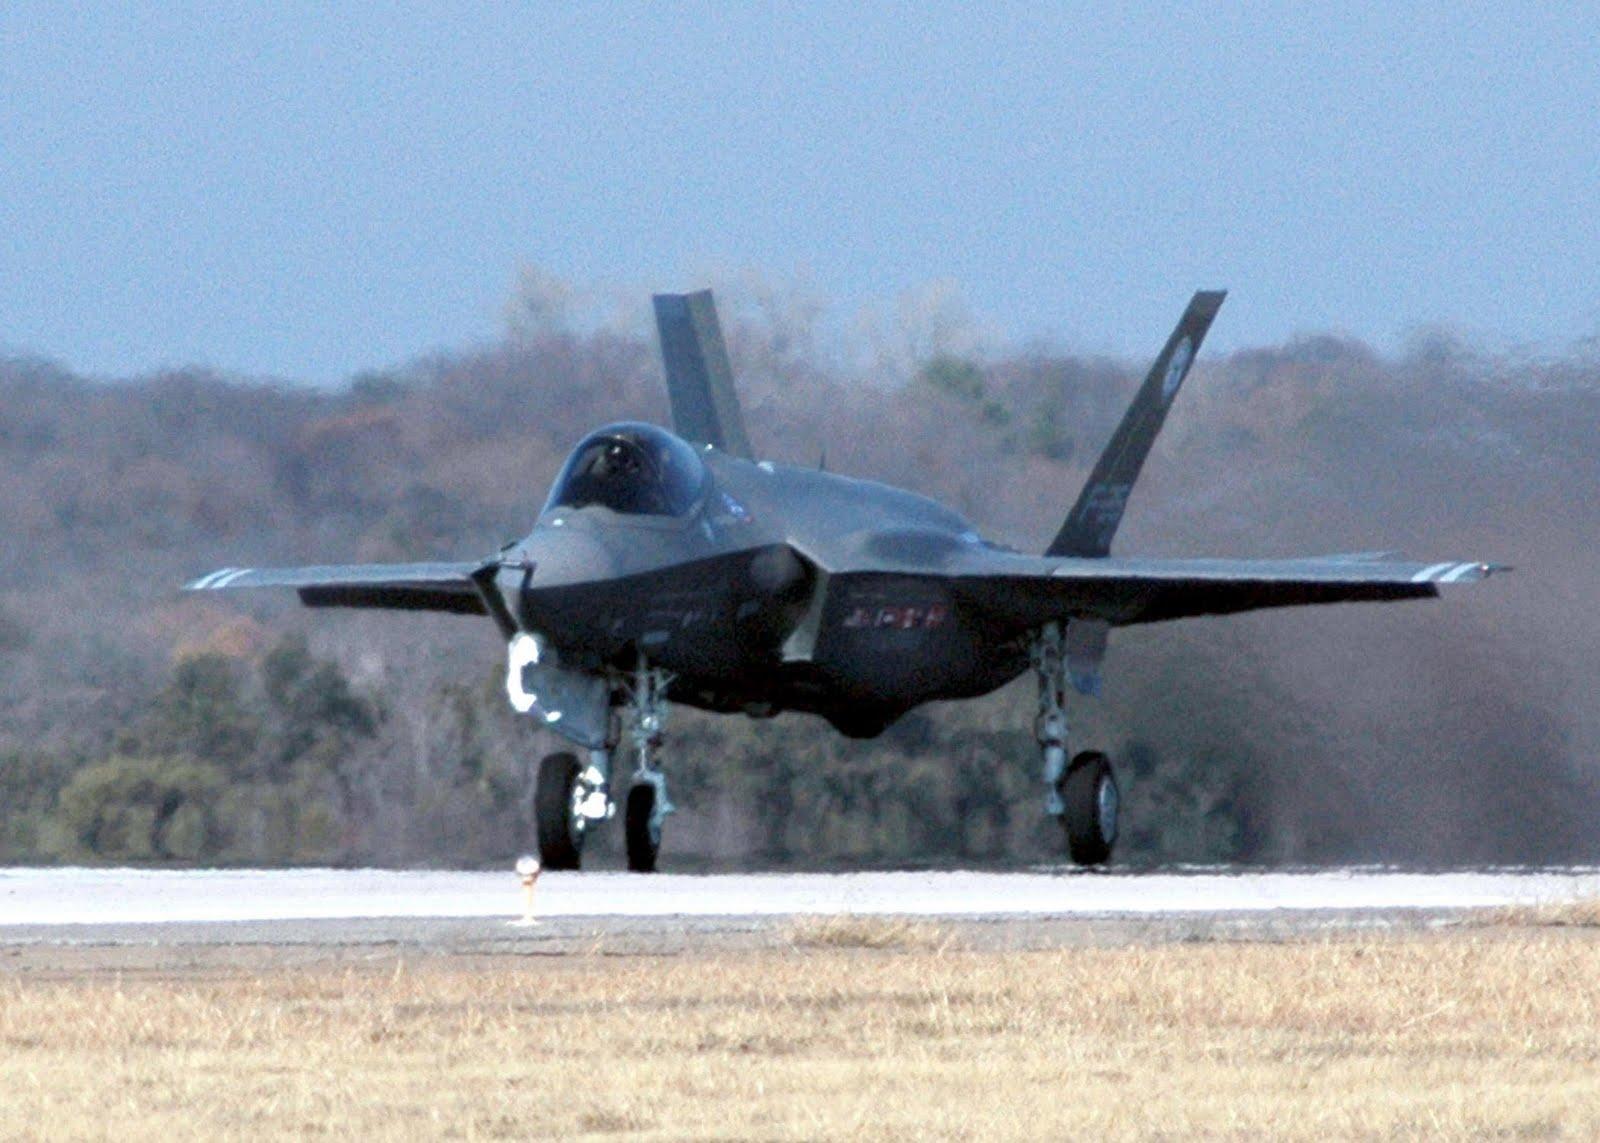 http://2.bp.blogspot.com/-w6PsqKhC0cA/Td1n7f_86nI/AAAAAAAAEm8/39-KctzpNKs/s1600/F-35+Lightning+II+fighter+jet.jpg